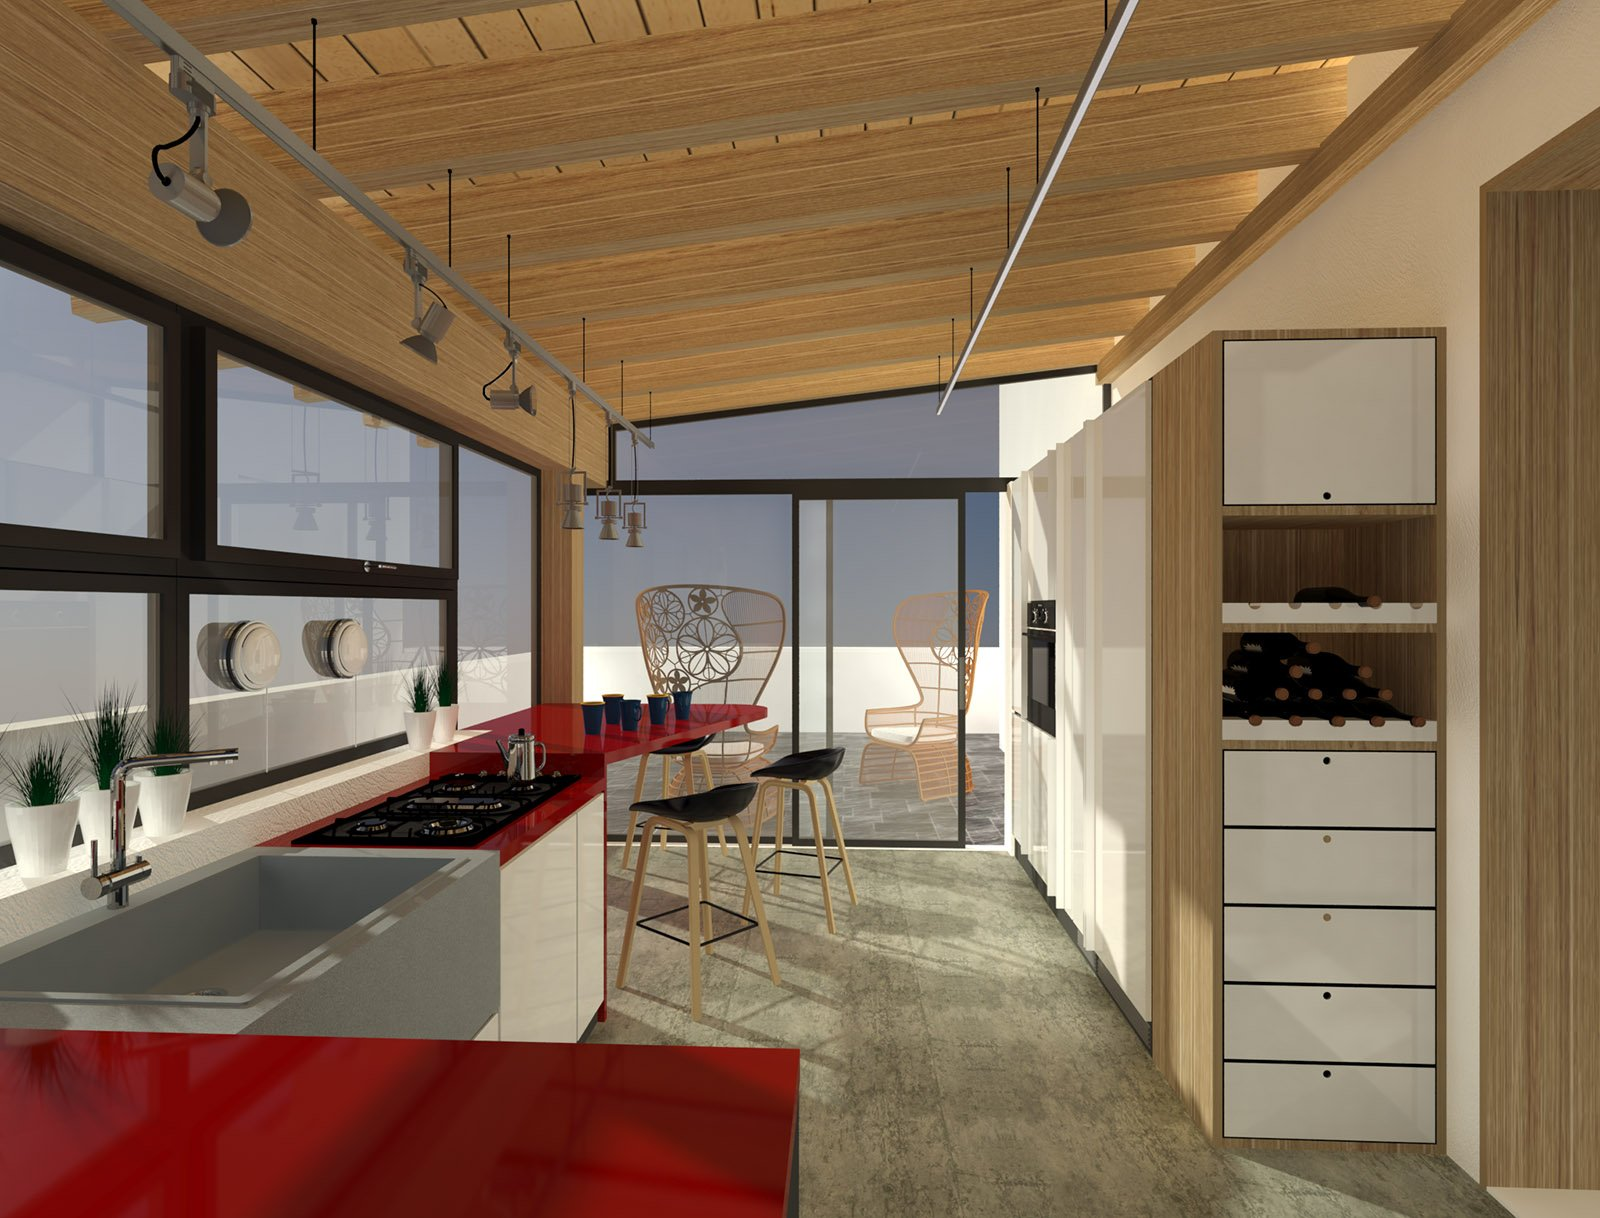 Spostare la cucina sul terrazzo sfruttando il piano casa for Come fare piano casa